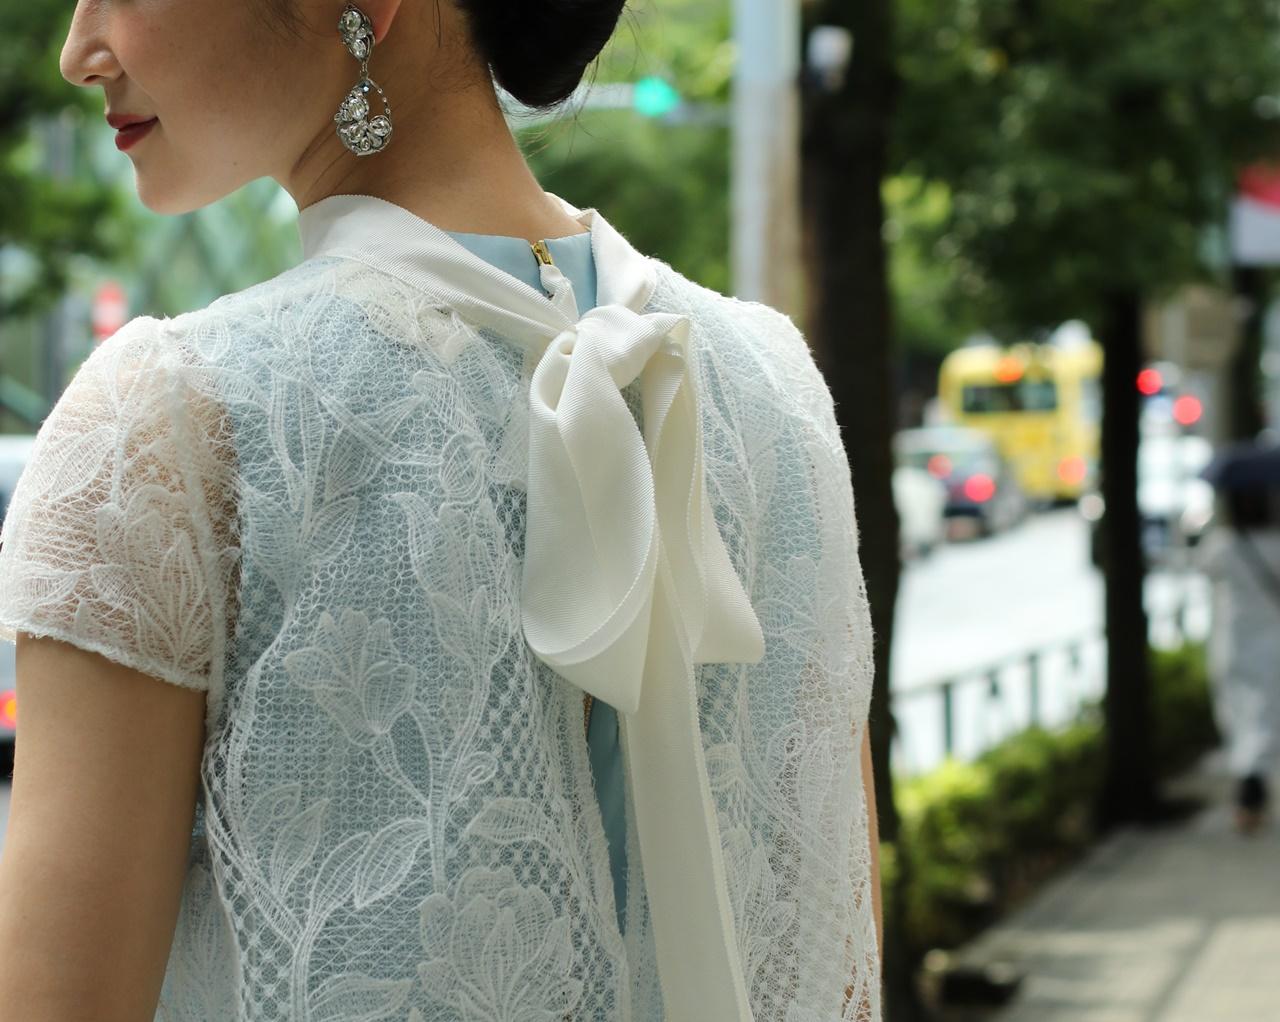 骨格ナチュラルの方におすすめのレンタルドレスはKhon Hooi(クーン・フーイ)の背中にリボンが付いた白いレースのガウンに水色のインナードレスが透けたレンタルドレス